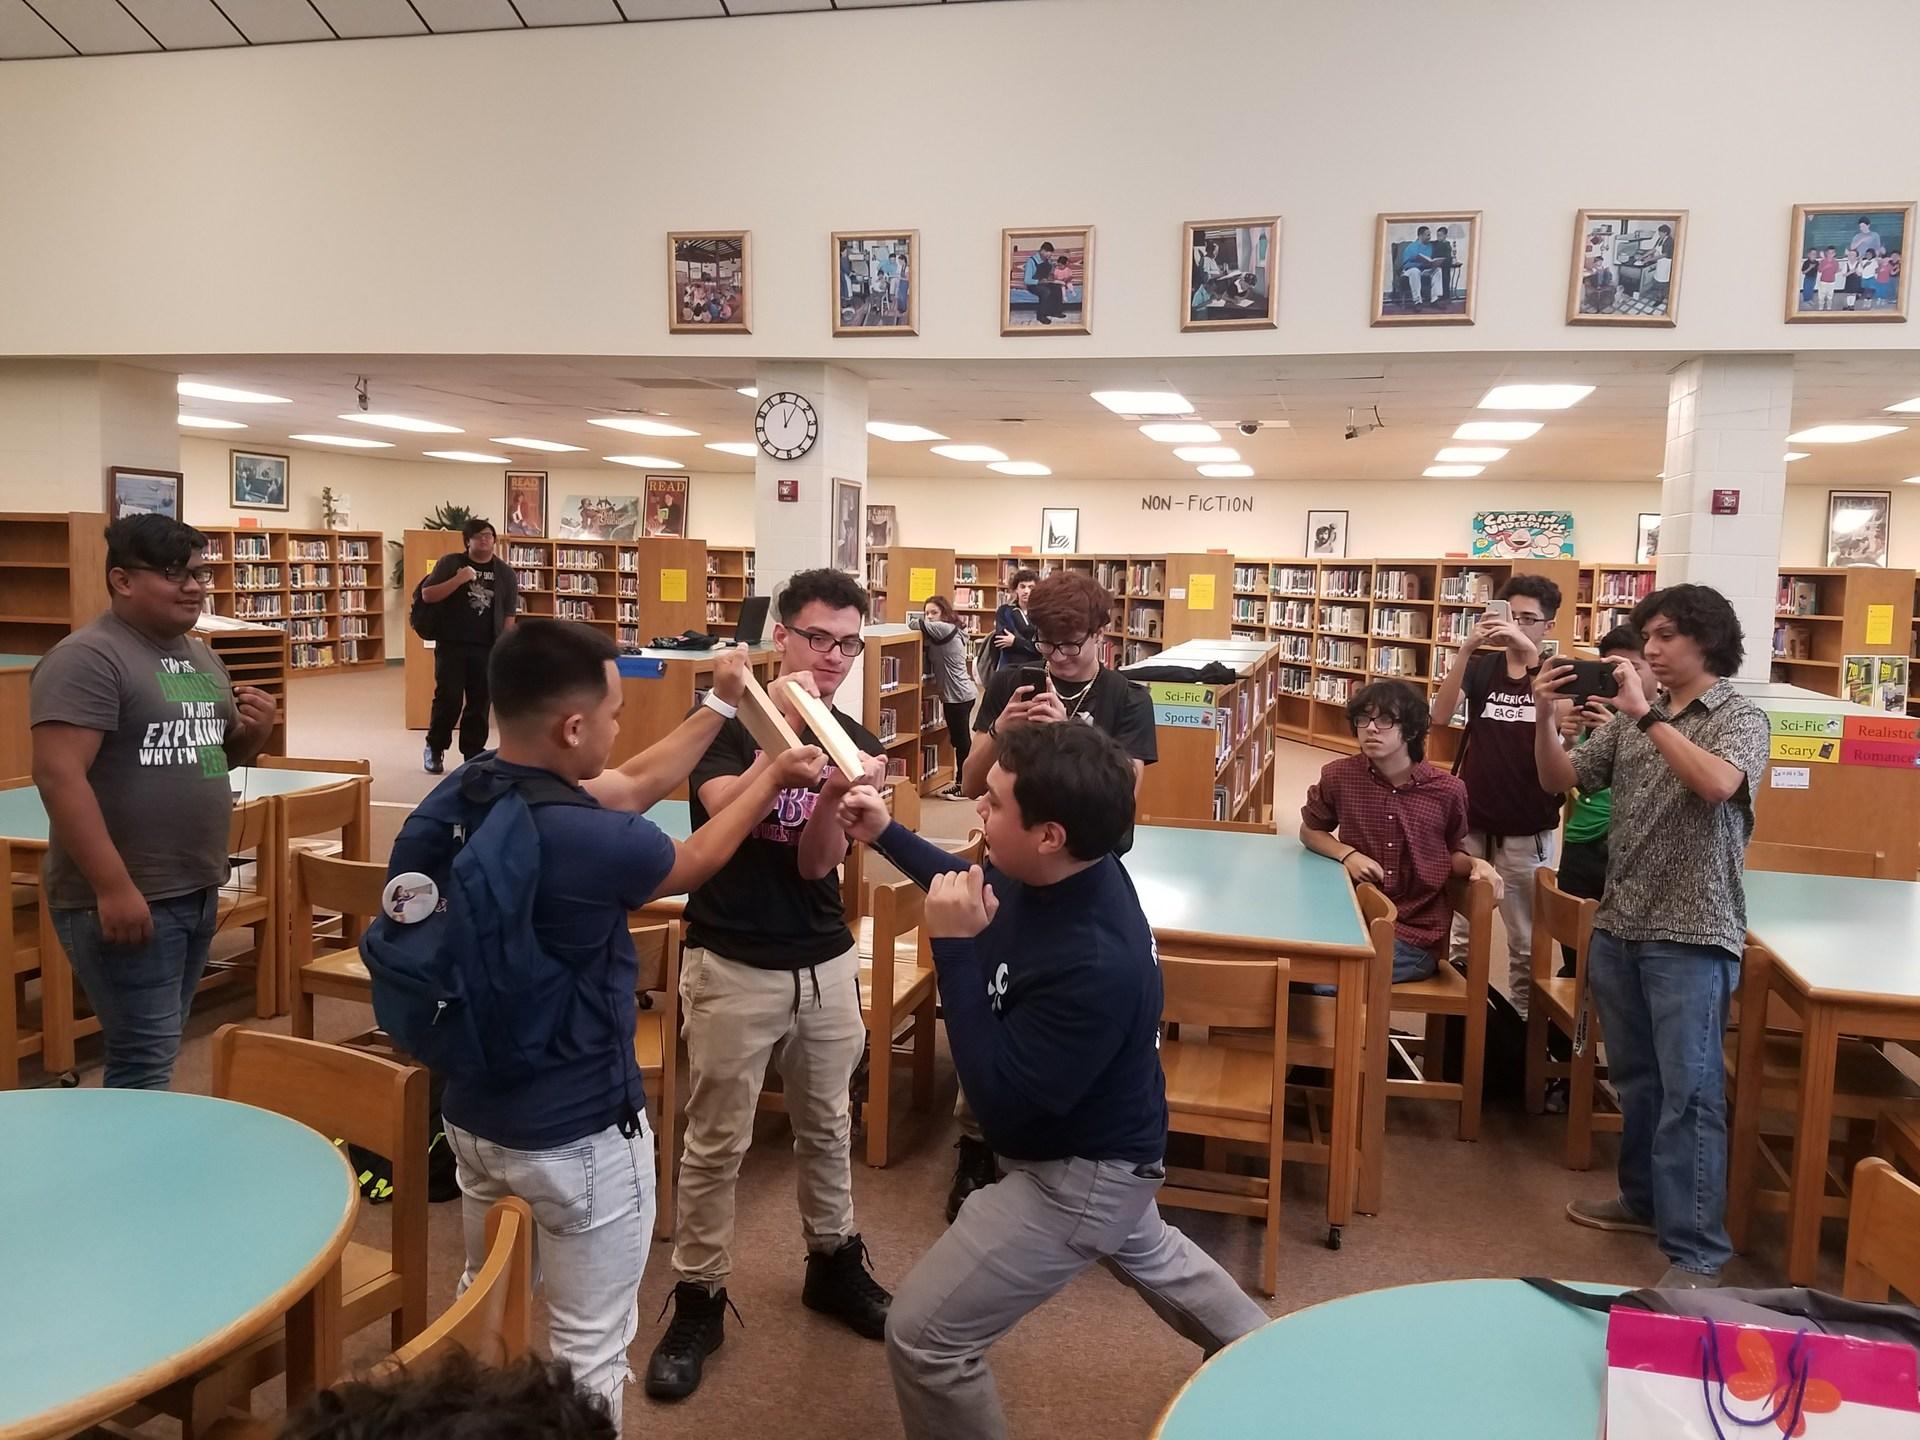 Mr. Ramirez is shown breaking a board.